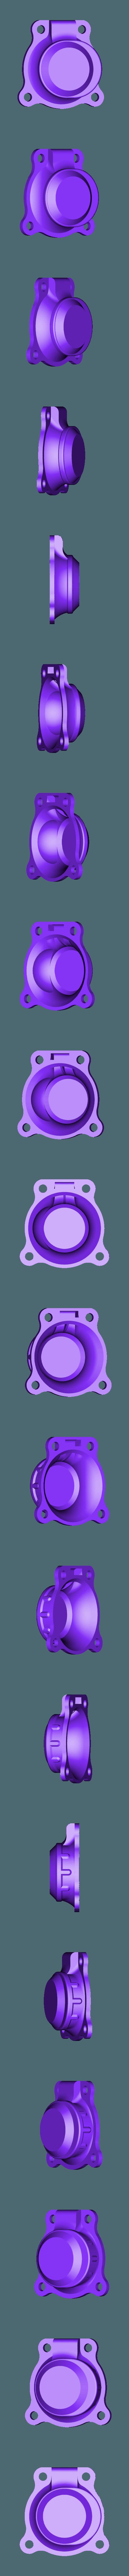 Cylider_Back_Lid_x3.stl Télécharger fichier STL gratuit Moteur pneumatique radial simple • Modèle pour imprimante 3D, Slava_Z